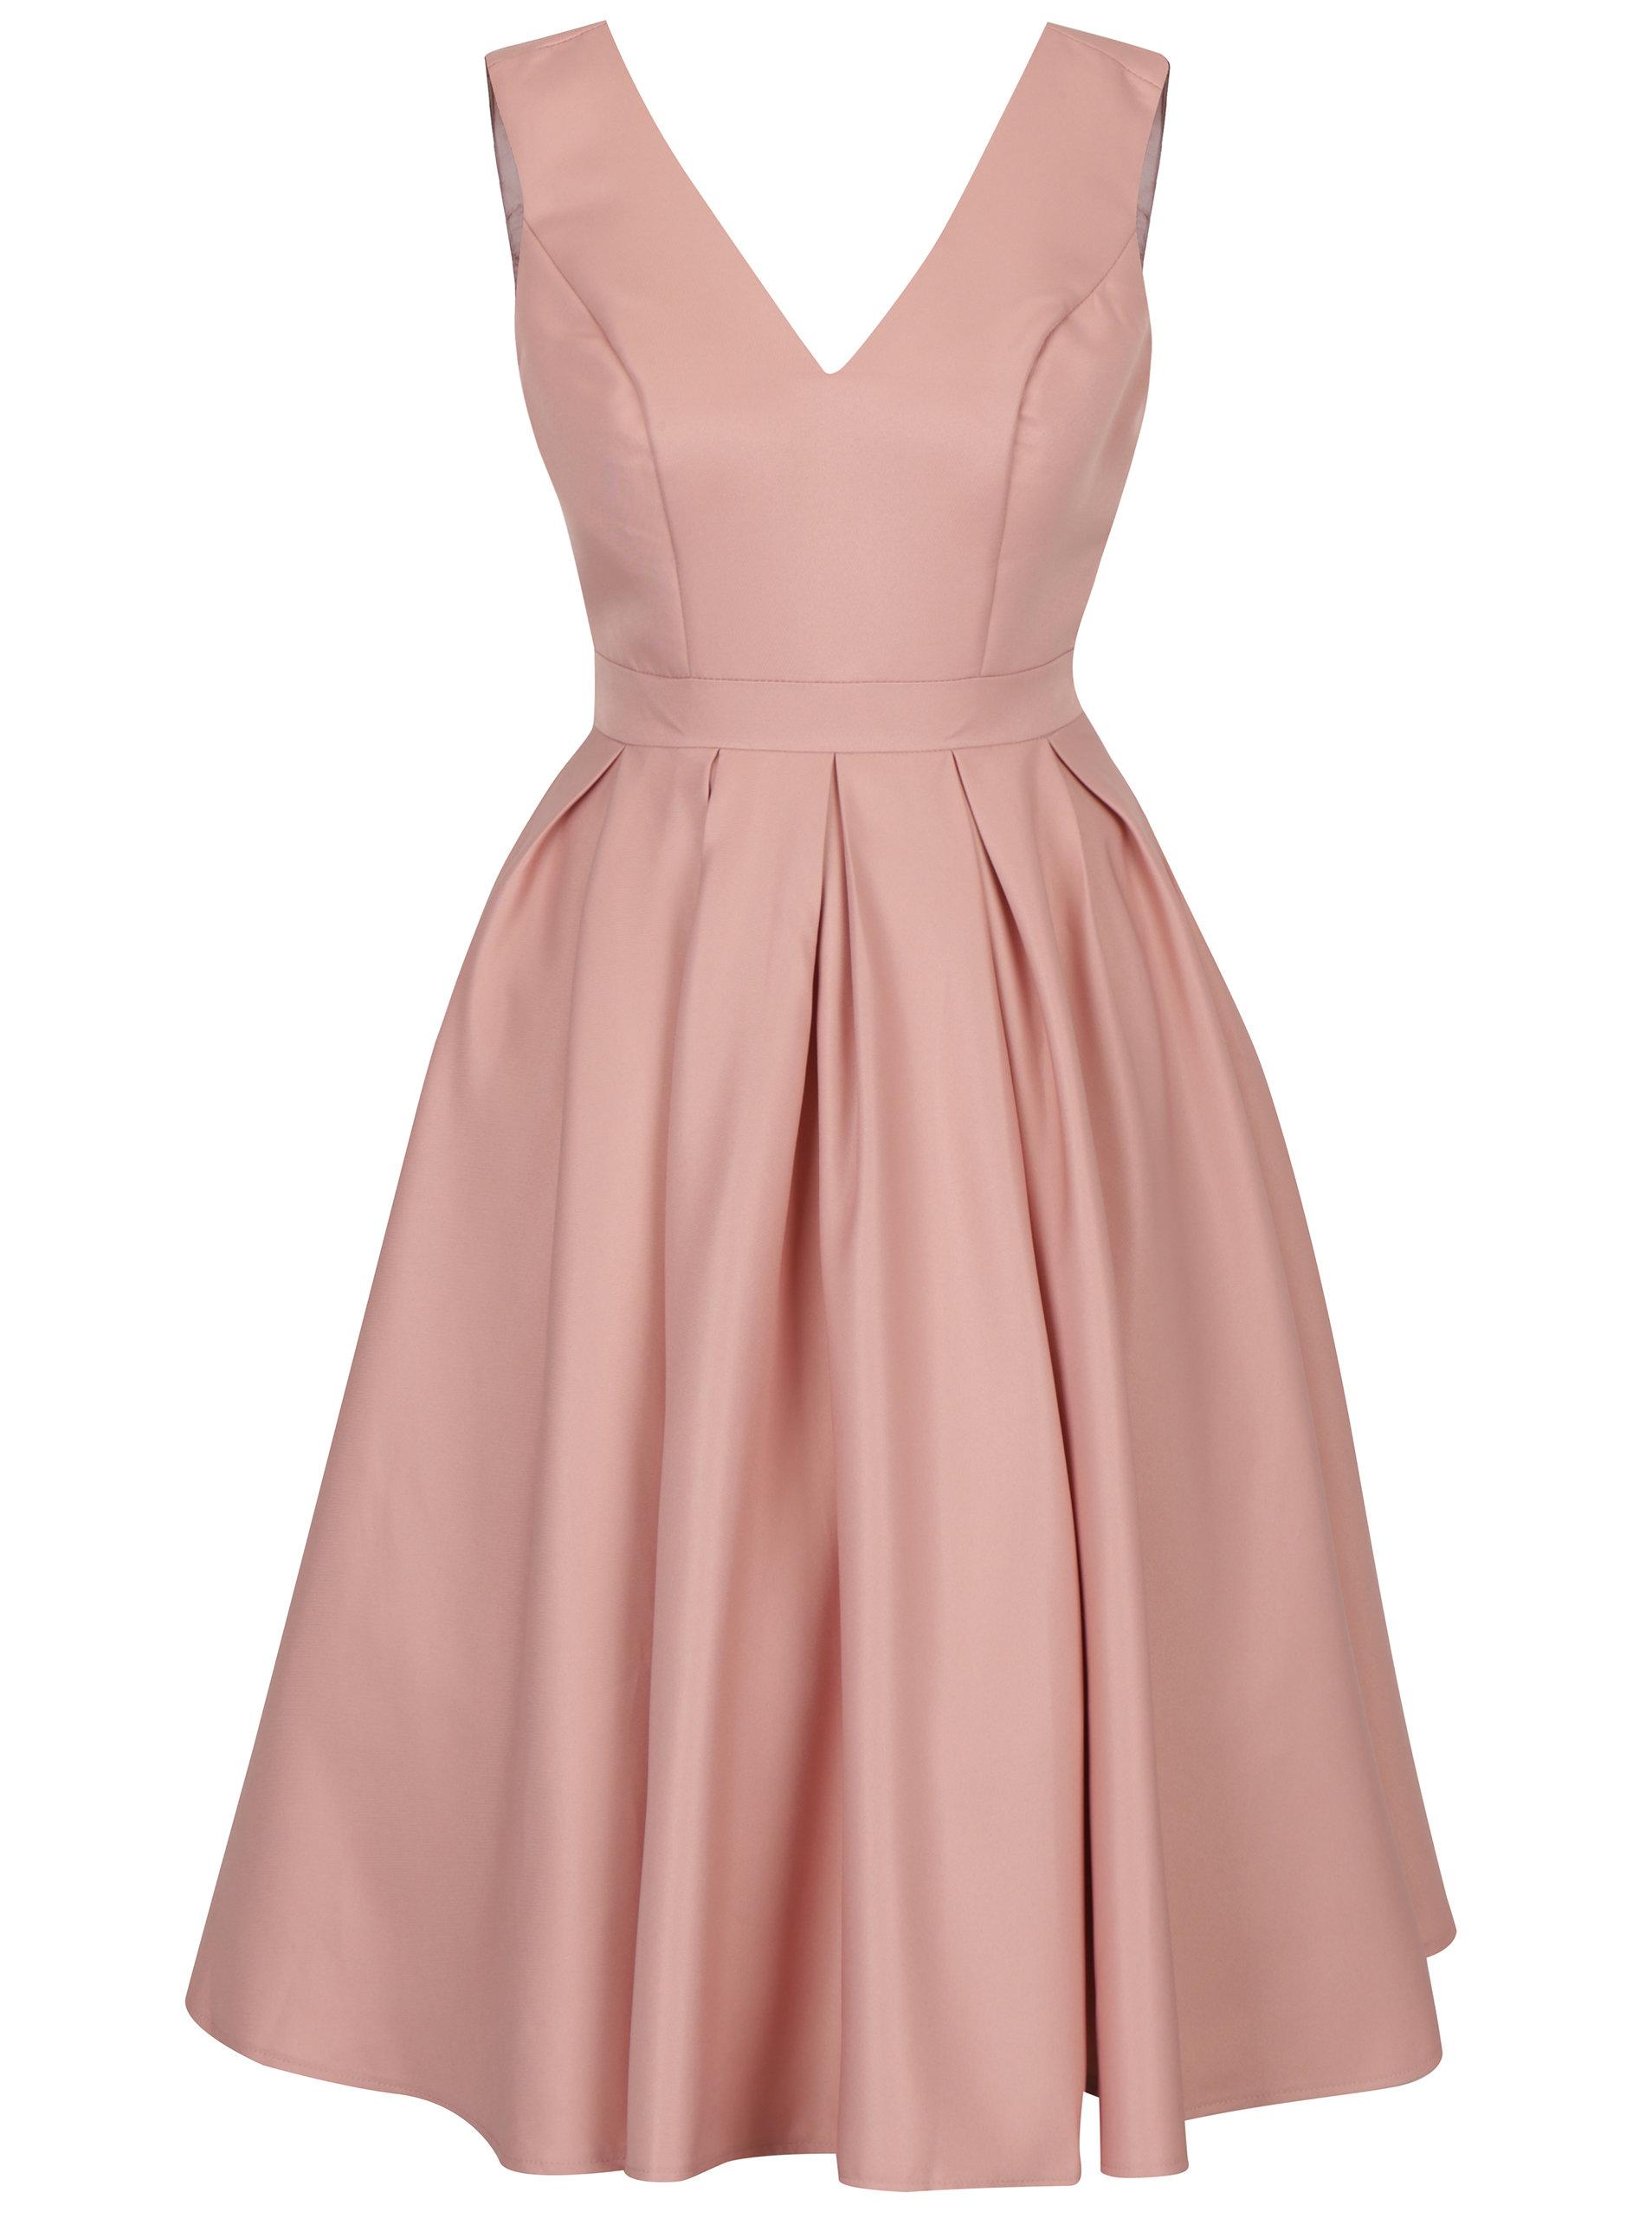 3b3cb2207279 Světle růžové šaty s výstřihem na zádech Chi Chi London Aymee ...